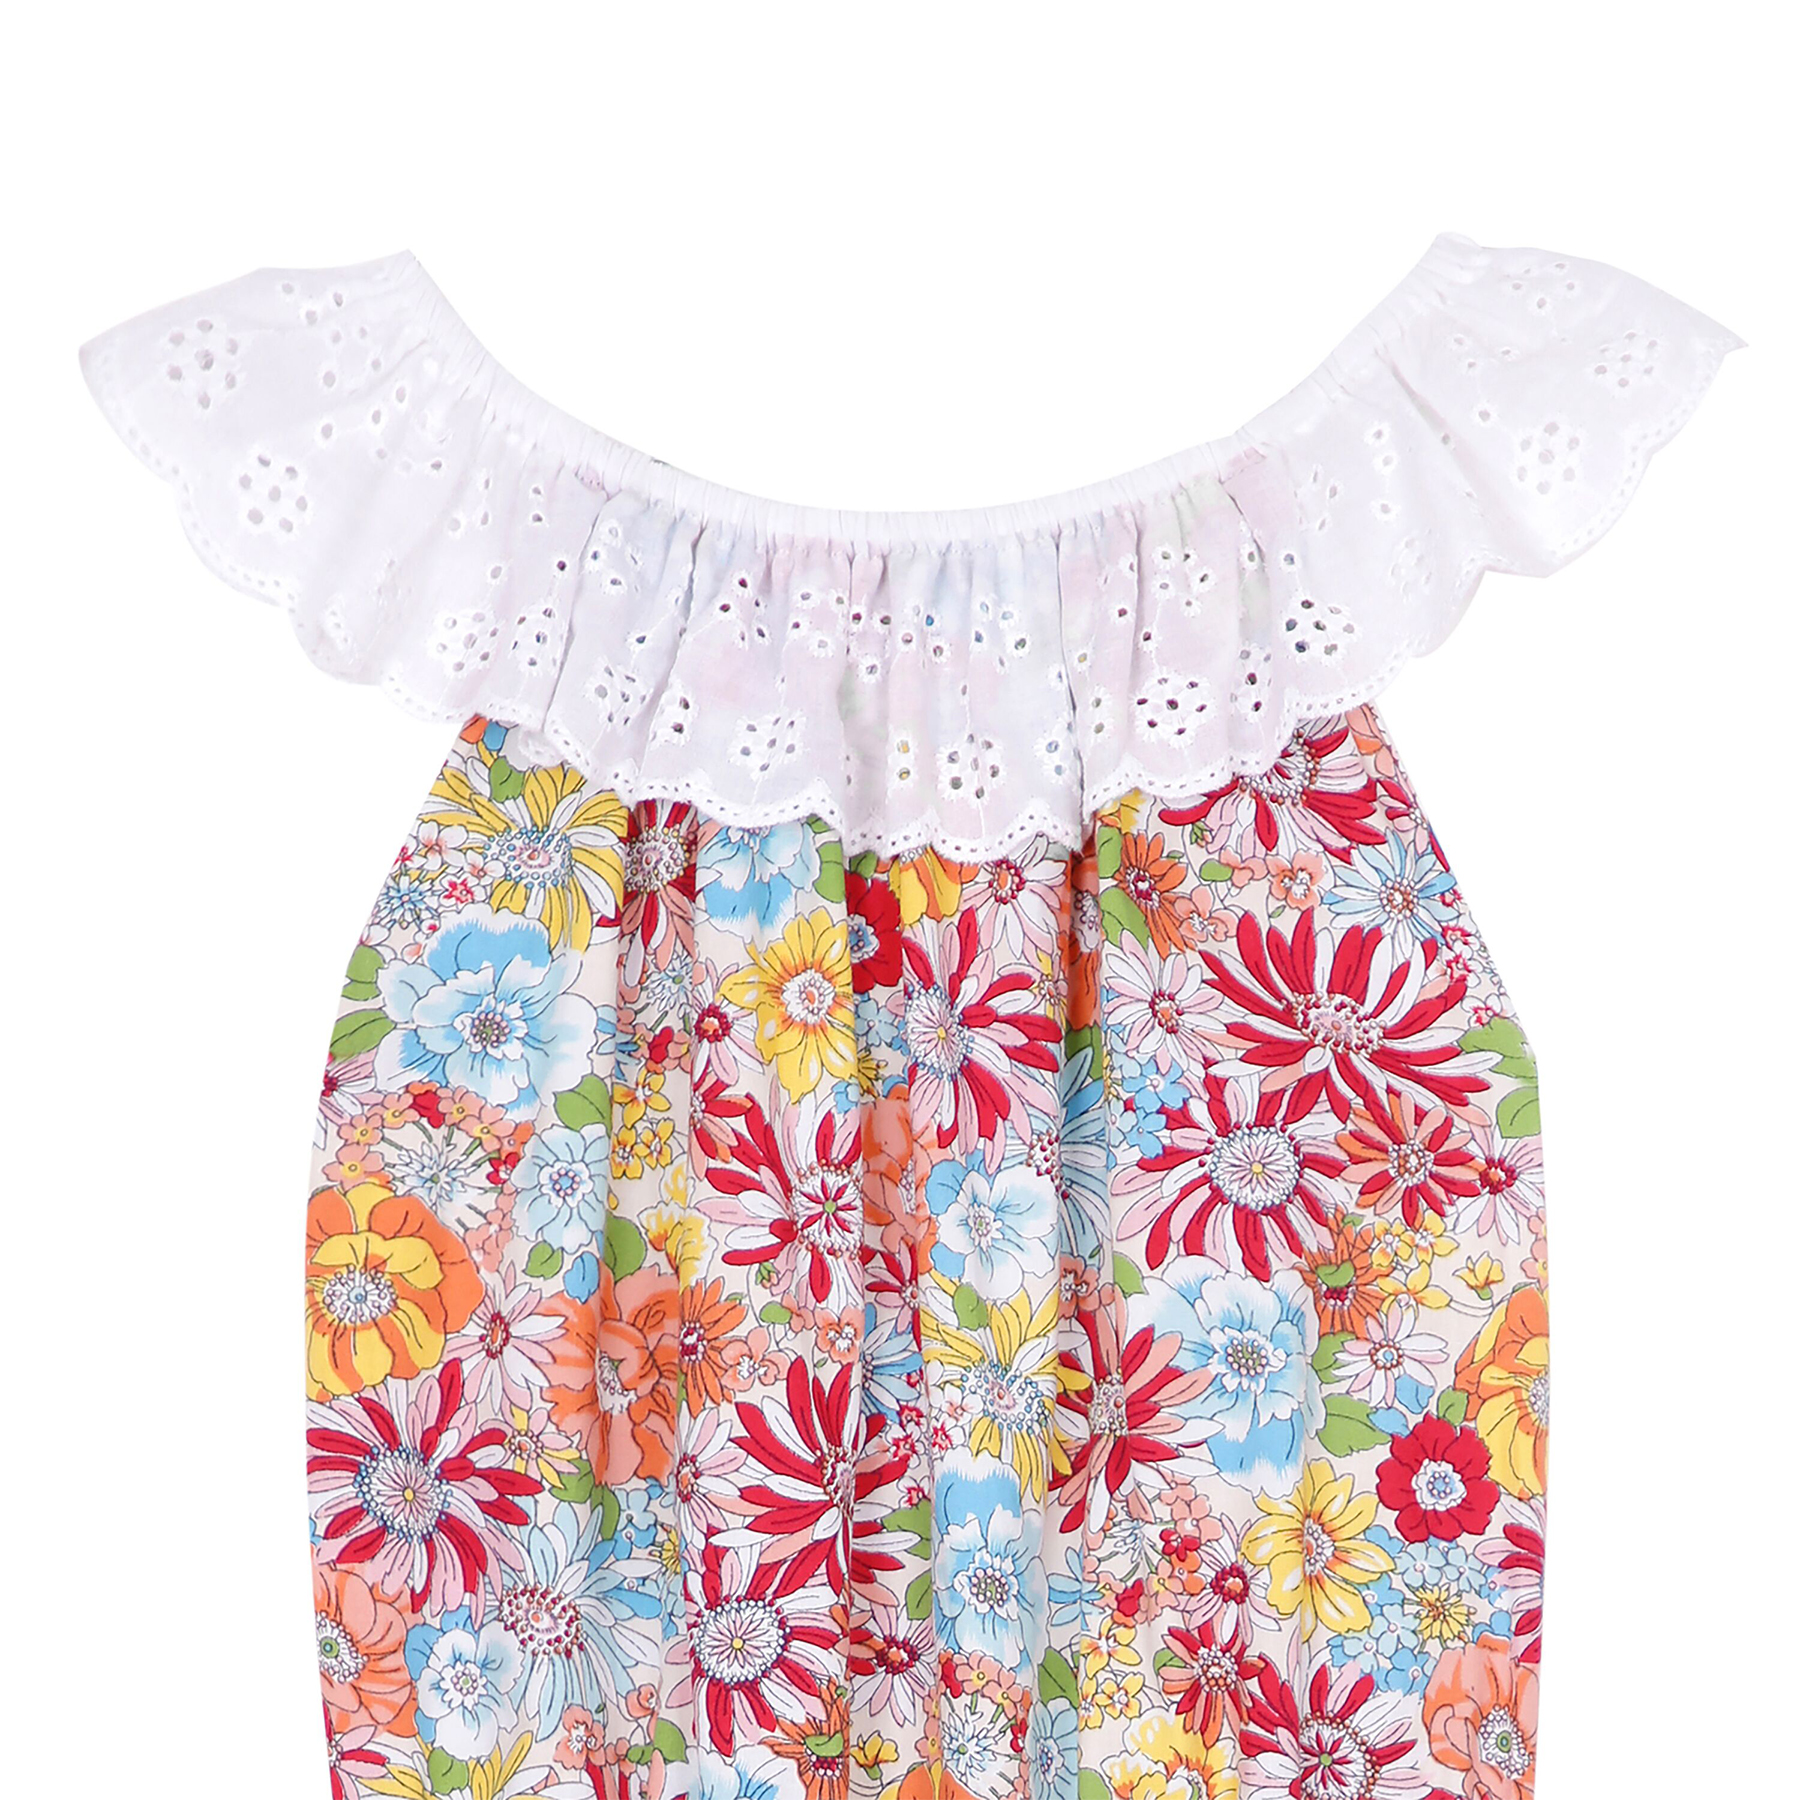 Combishort d'été en coton rouge et fleurs liberty avec col 2-en-1 en broderie anglaise blanche et poches pour filles de 2 à 14 ans